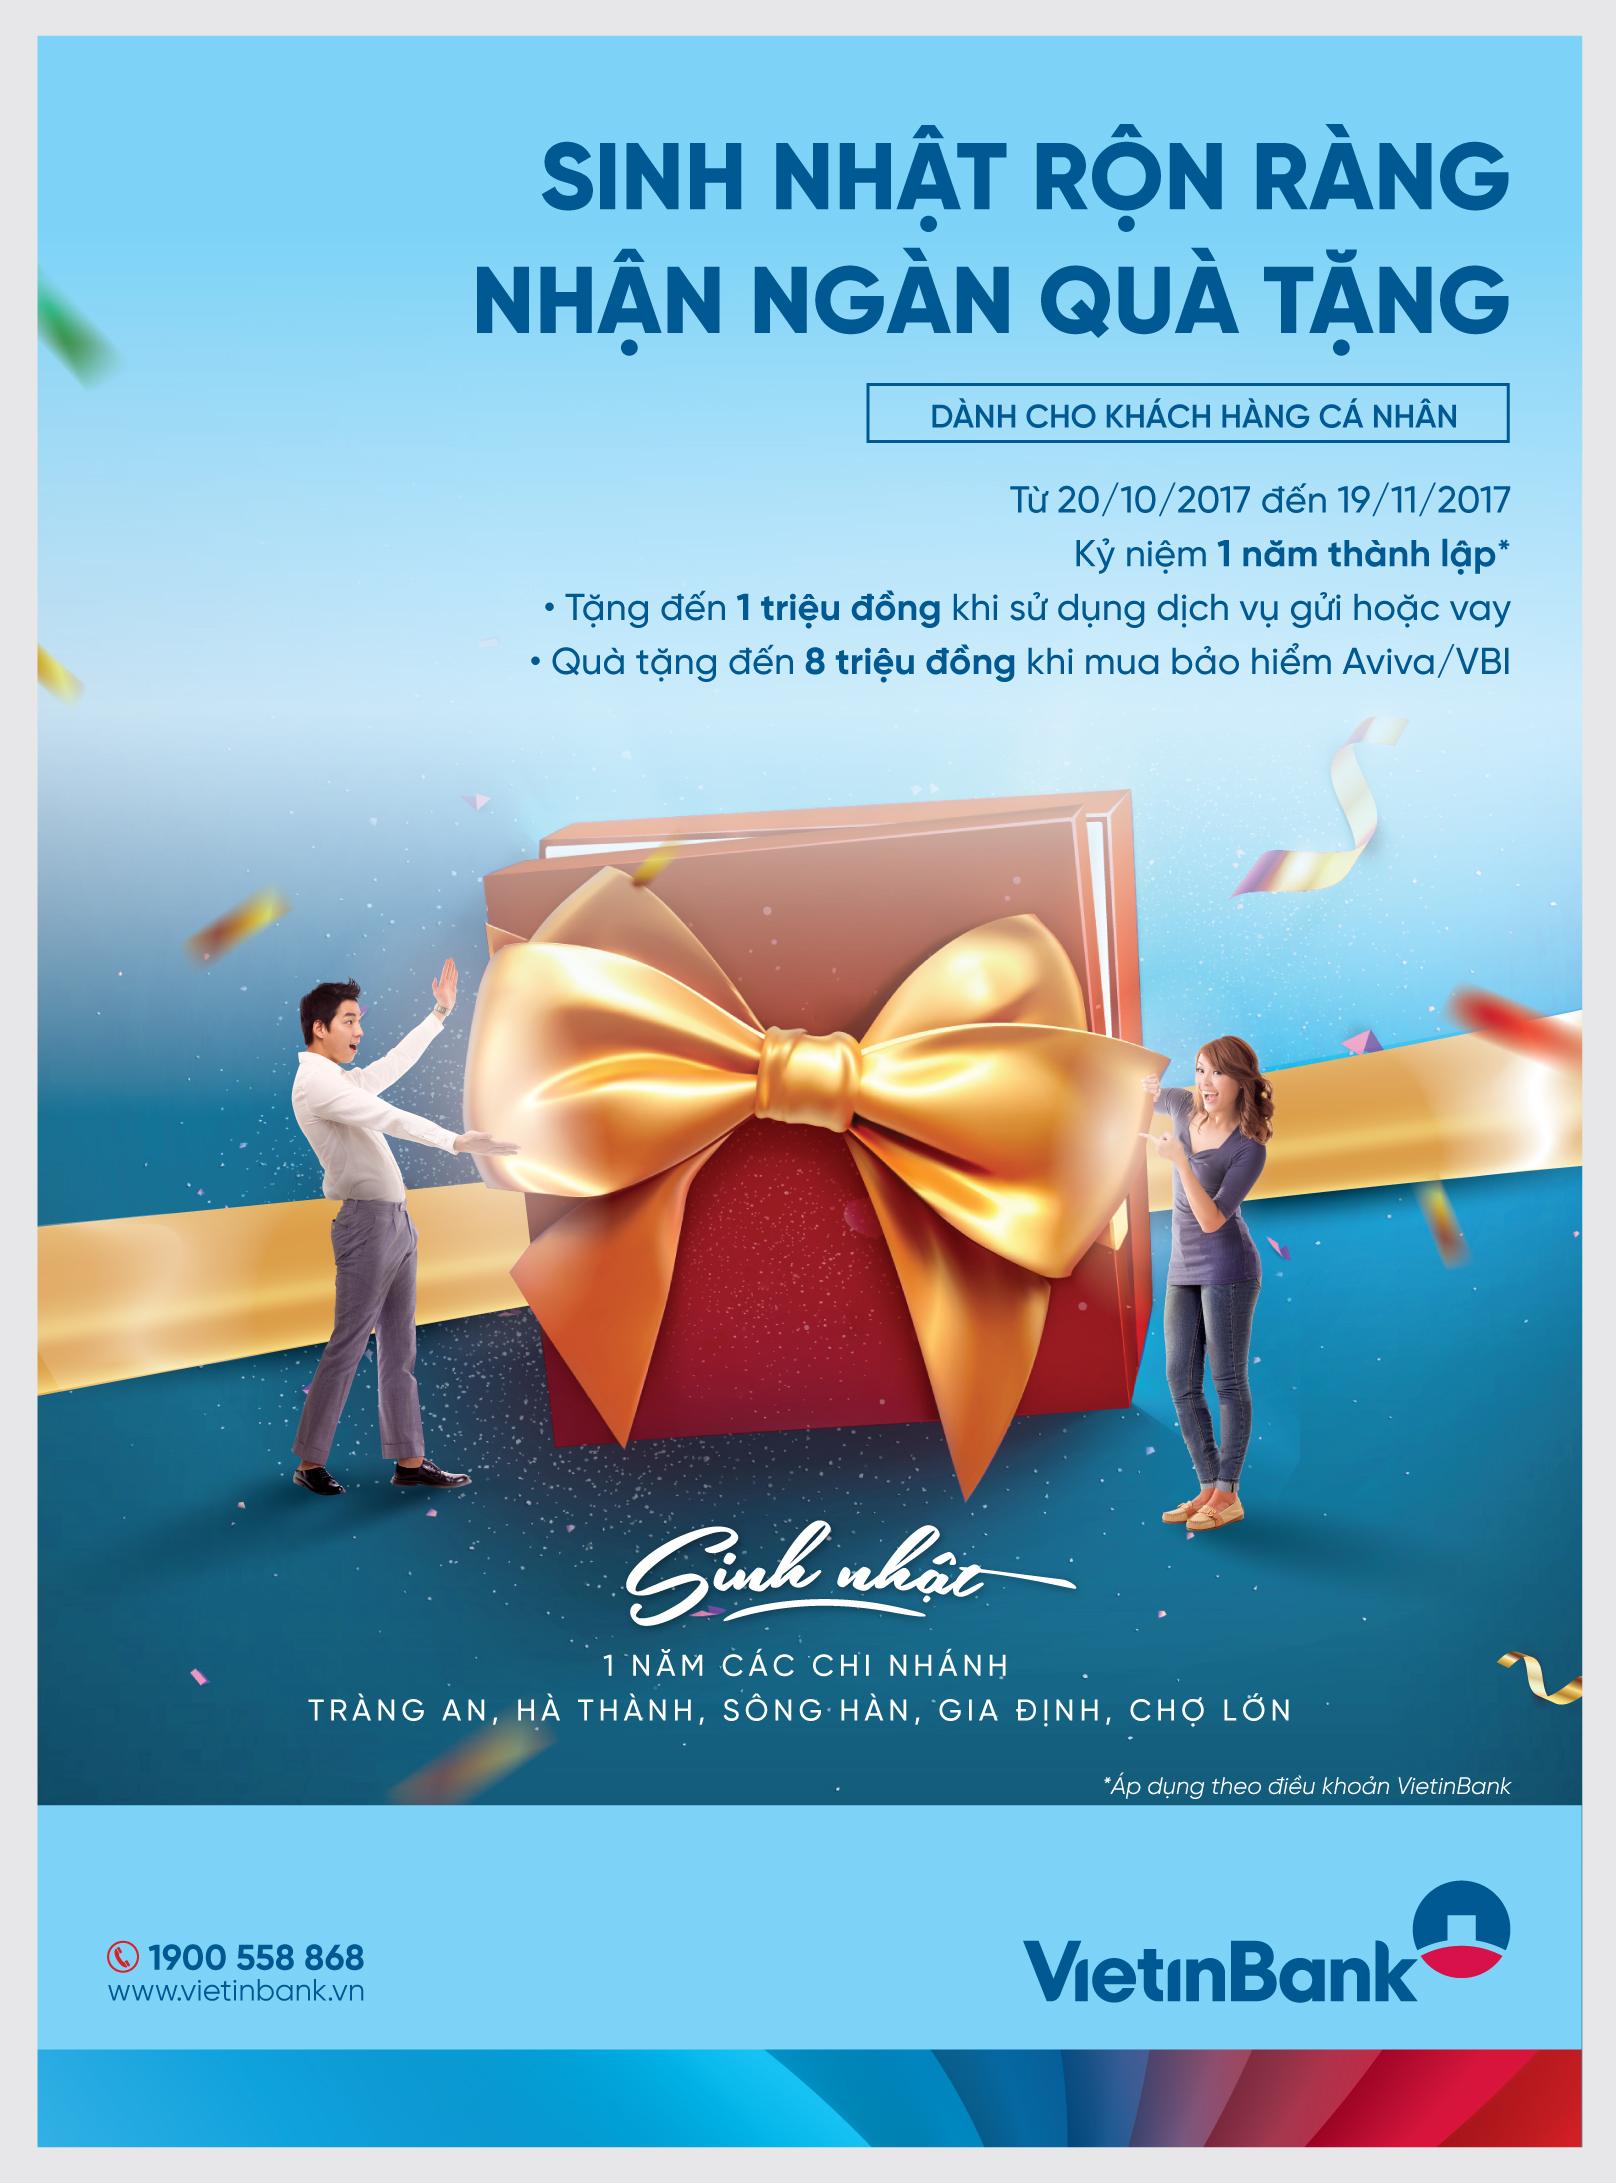 Chuyến du lịch Singapore đang chờ đón khách hàng VietinBank.